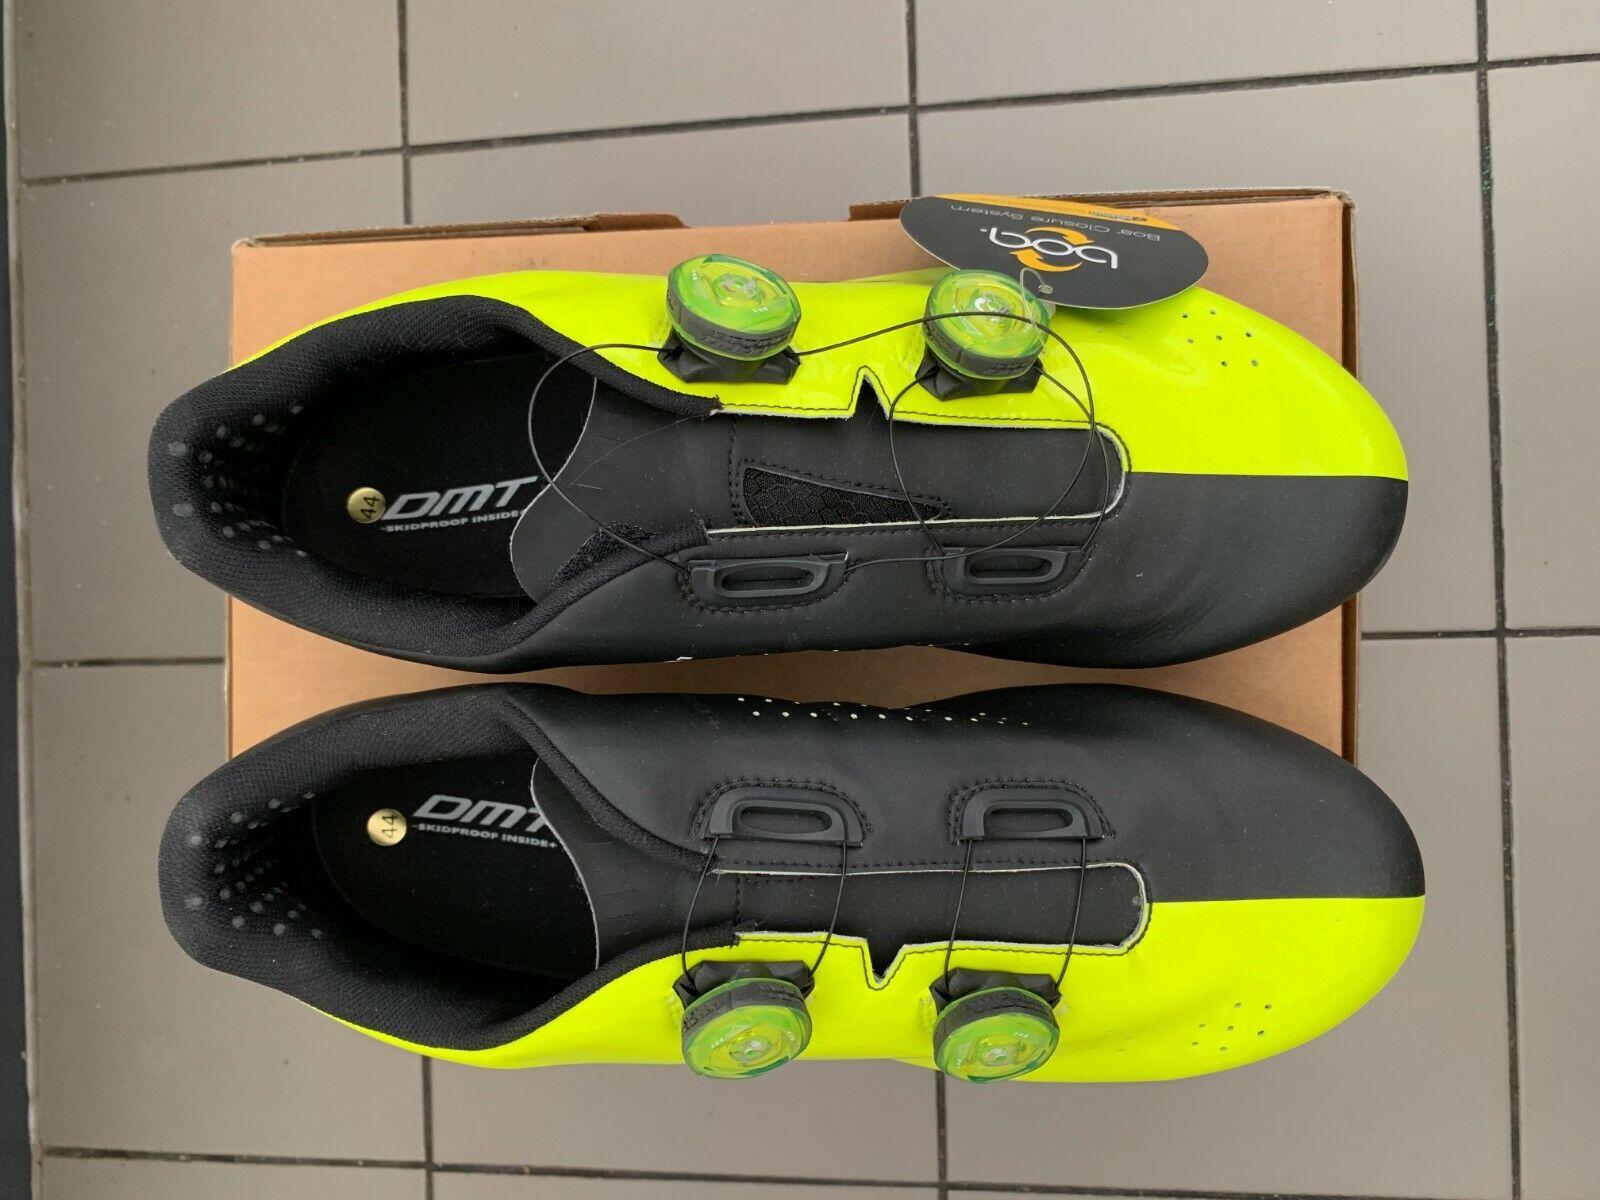 Road Cycling zapatos Dmt R1 Amarillo Zapatos Fluo Negro Talla 44